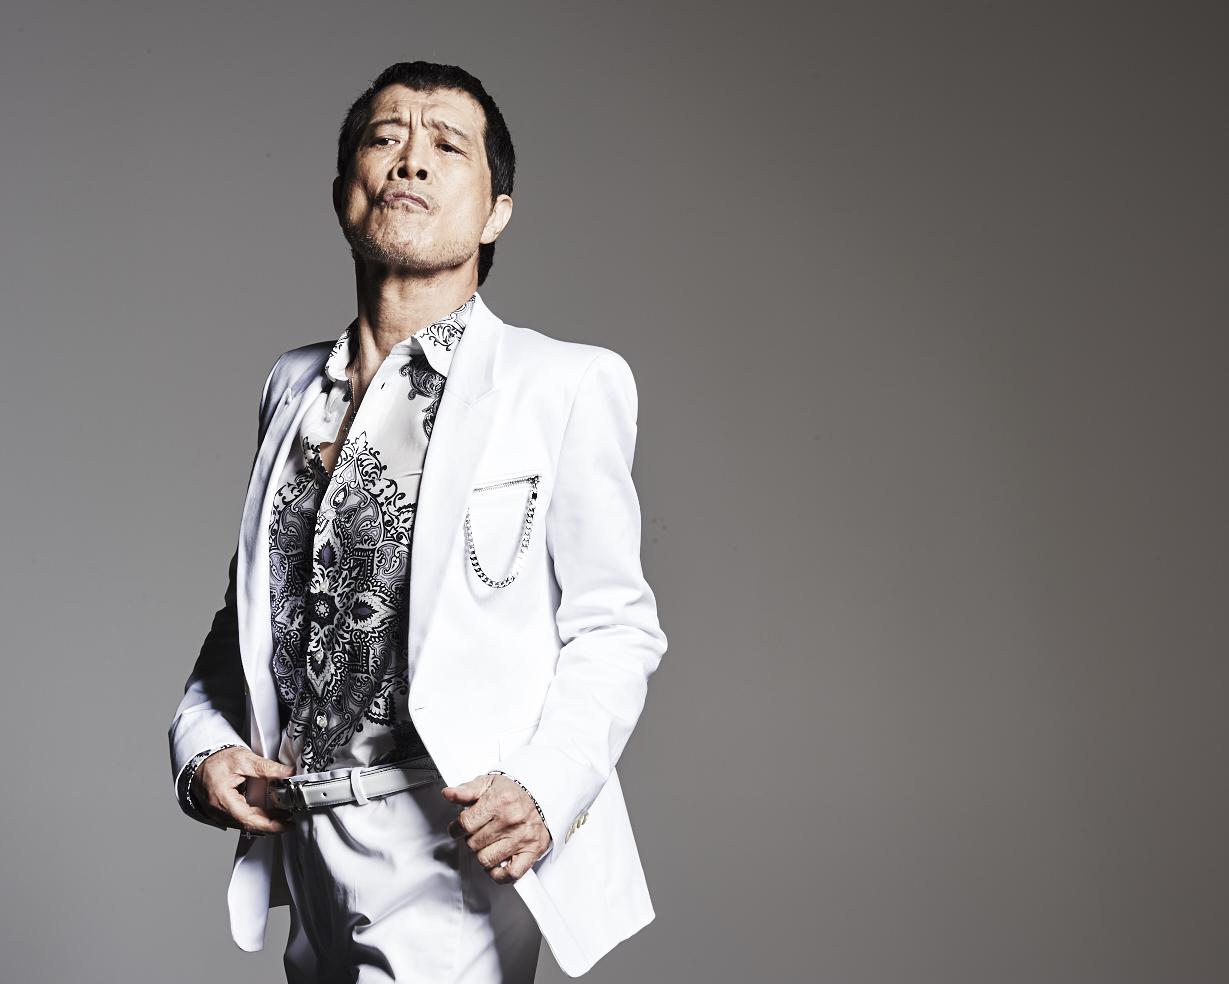 今年でソロ40周年の矢沢永吉、6年ぶりの東京ドーム公演を開催へ